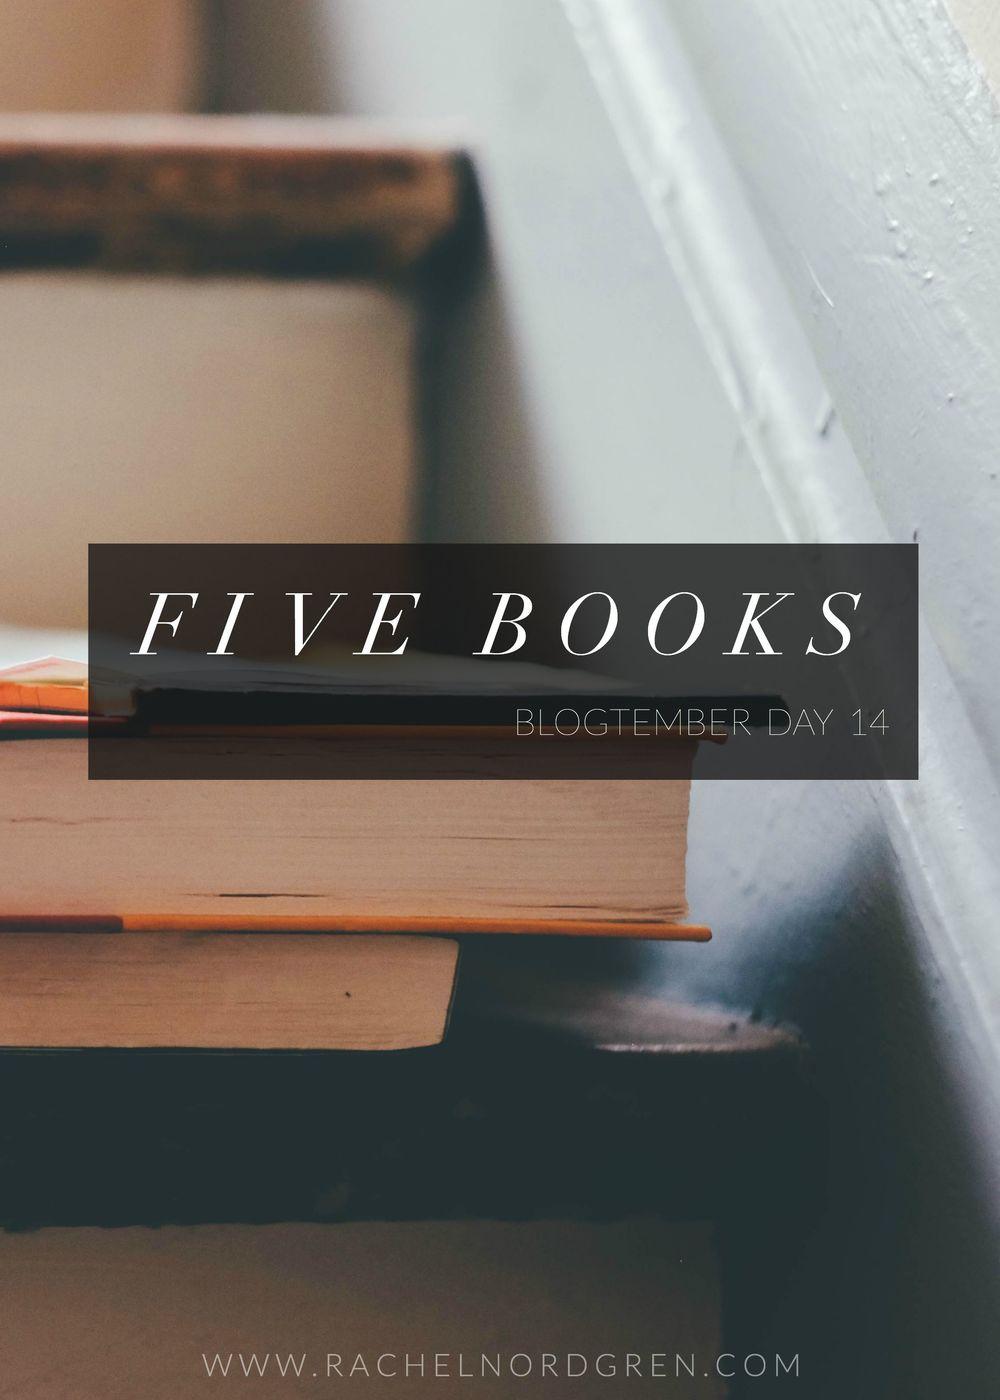 Blogtember-14-five-books.jpg